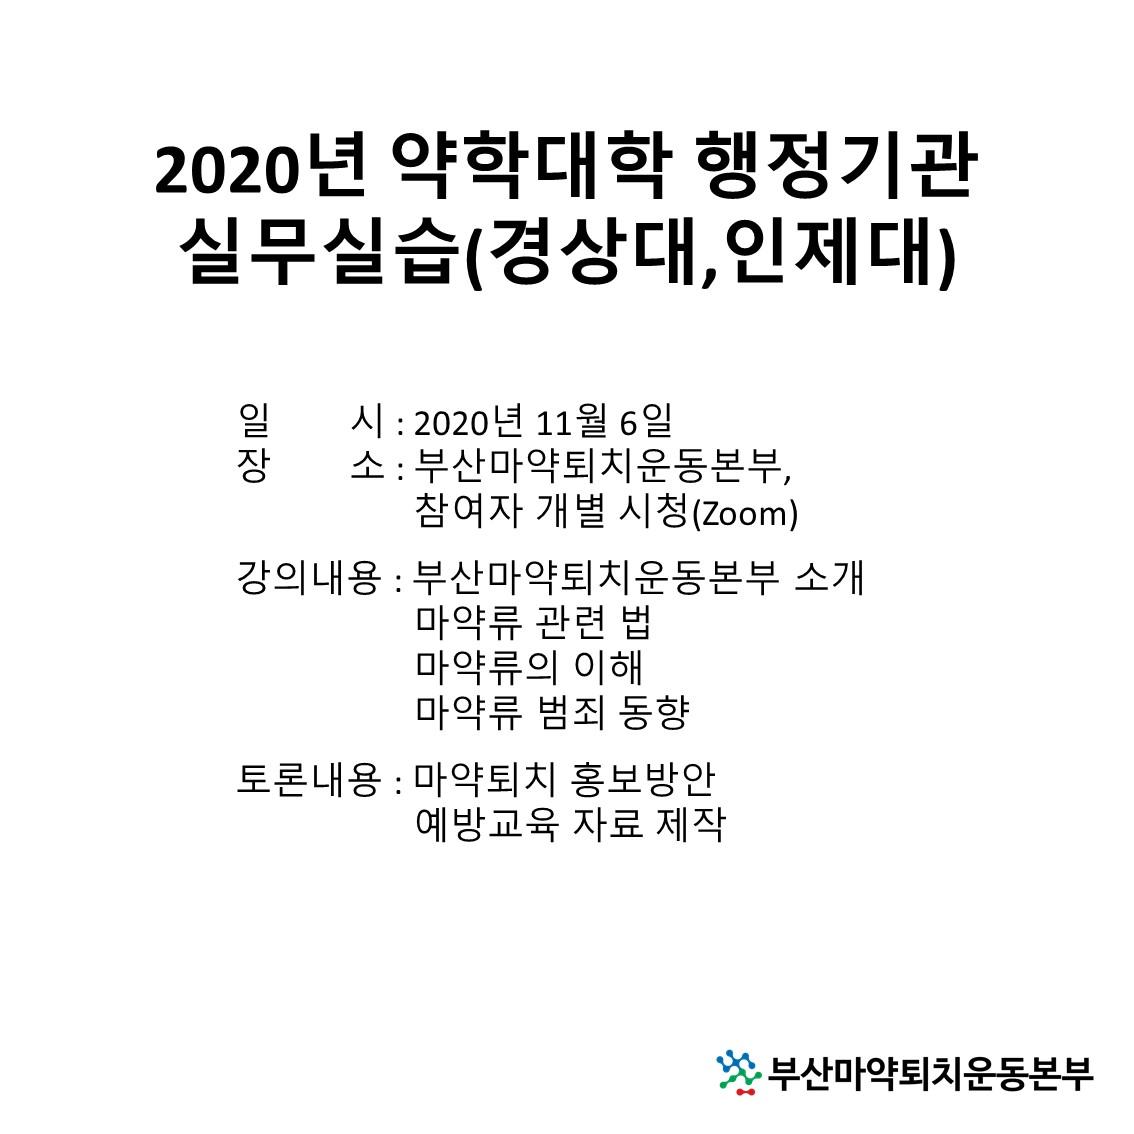 1109_약학대학 행정기관 실무실습 (1).jpg